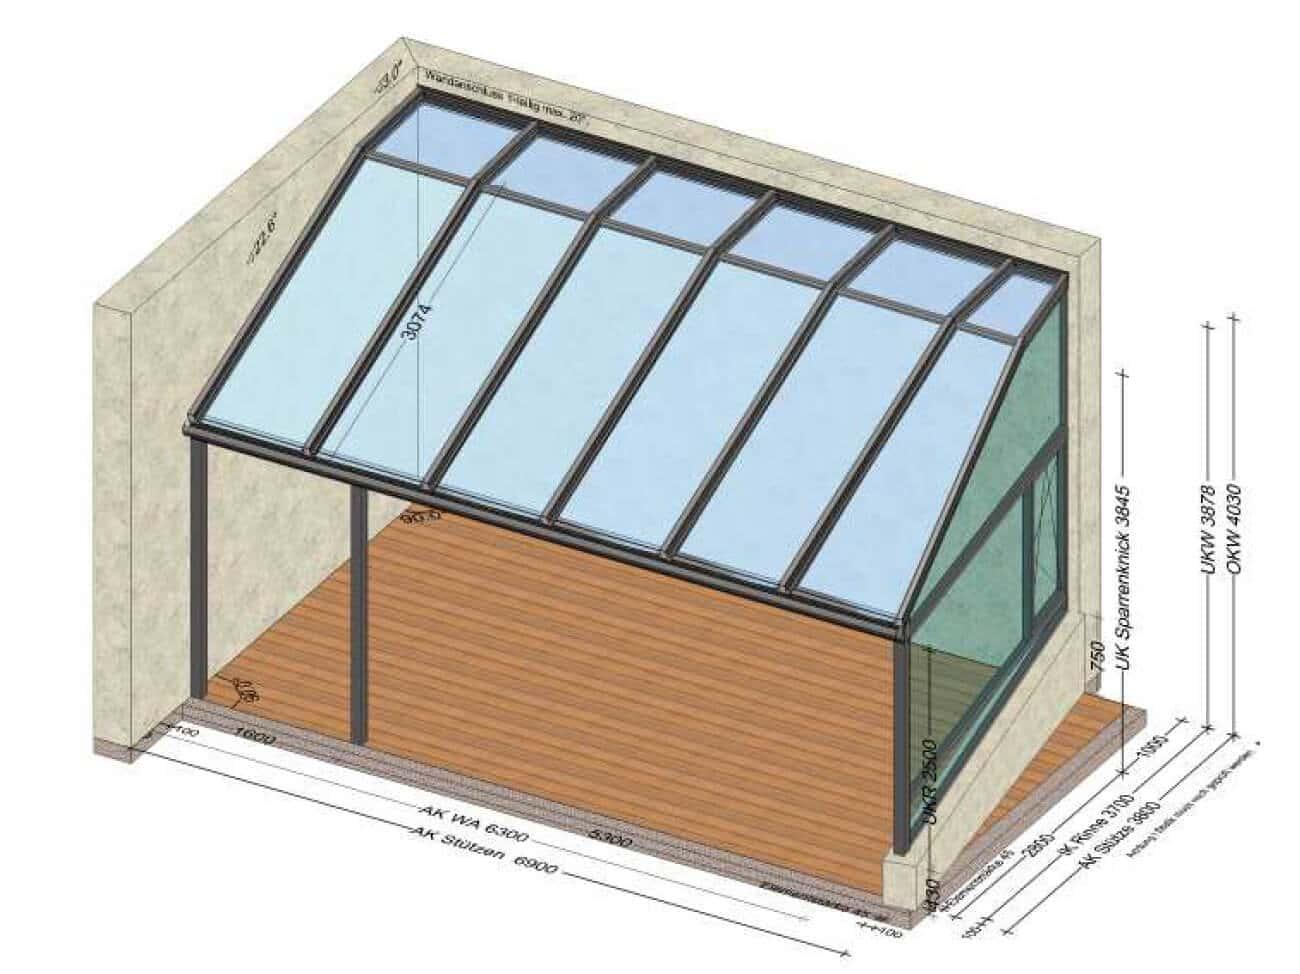 Außergewöhnliche Terrassenüberdachungen in Alu nach Maß